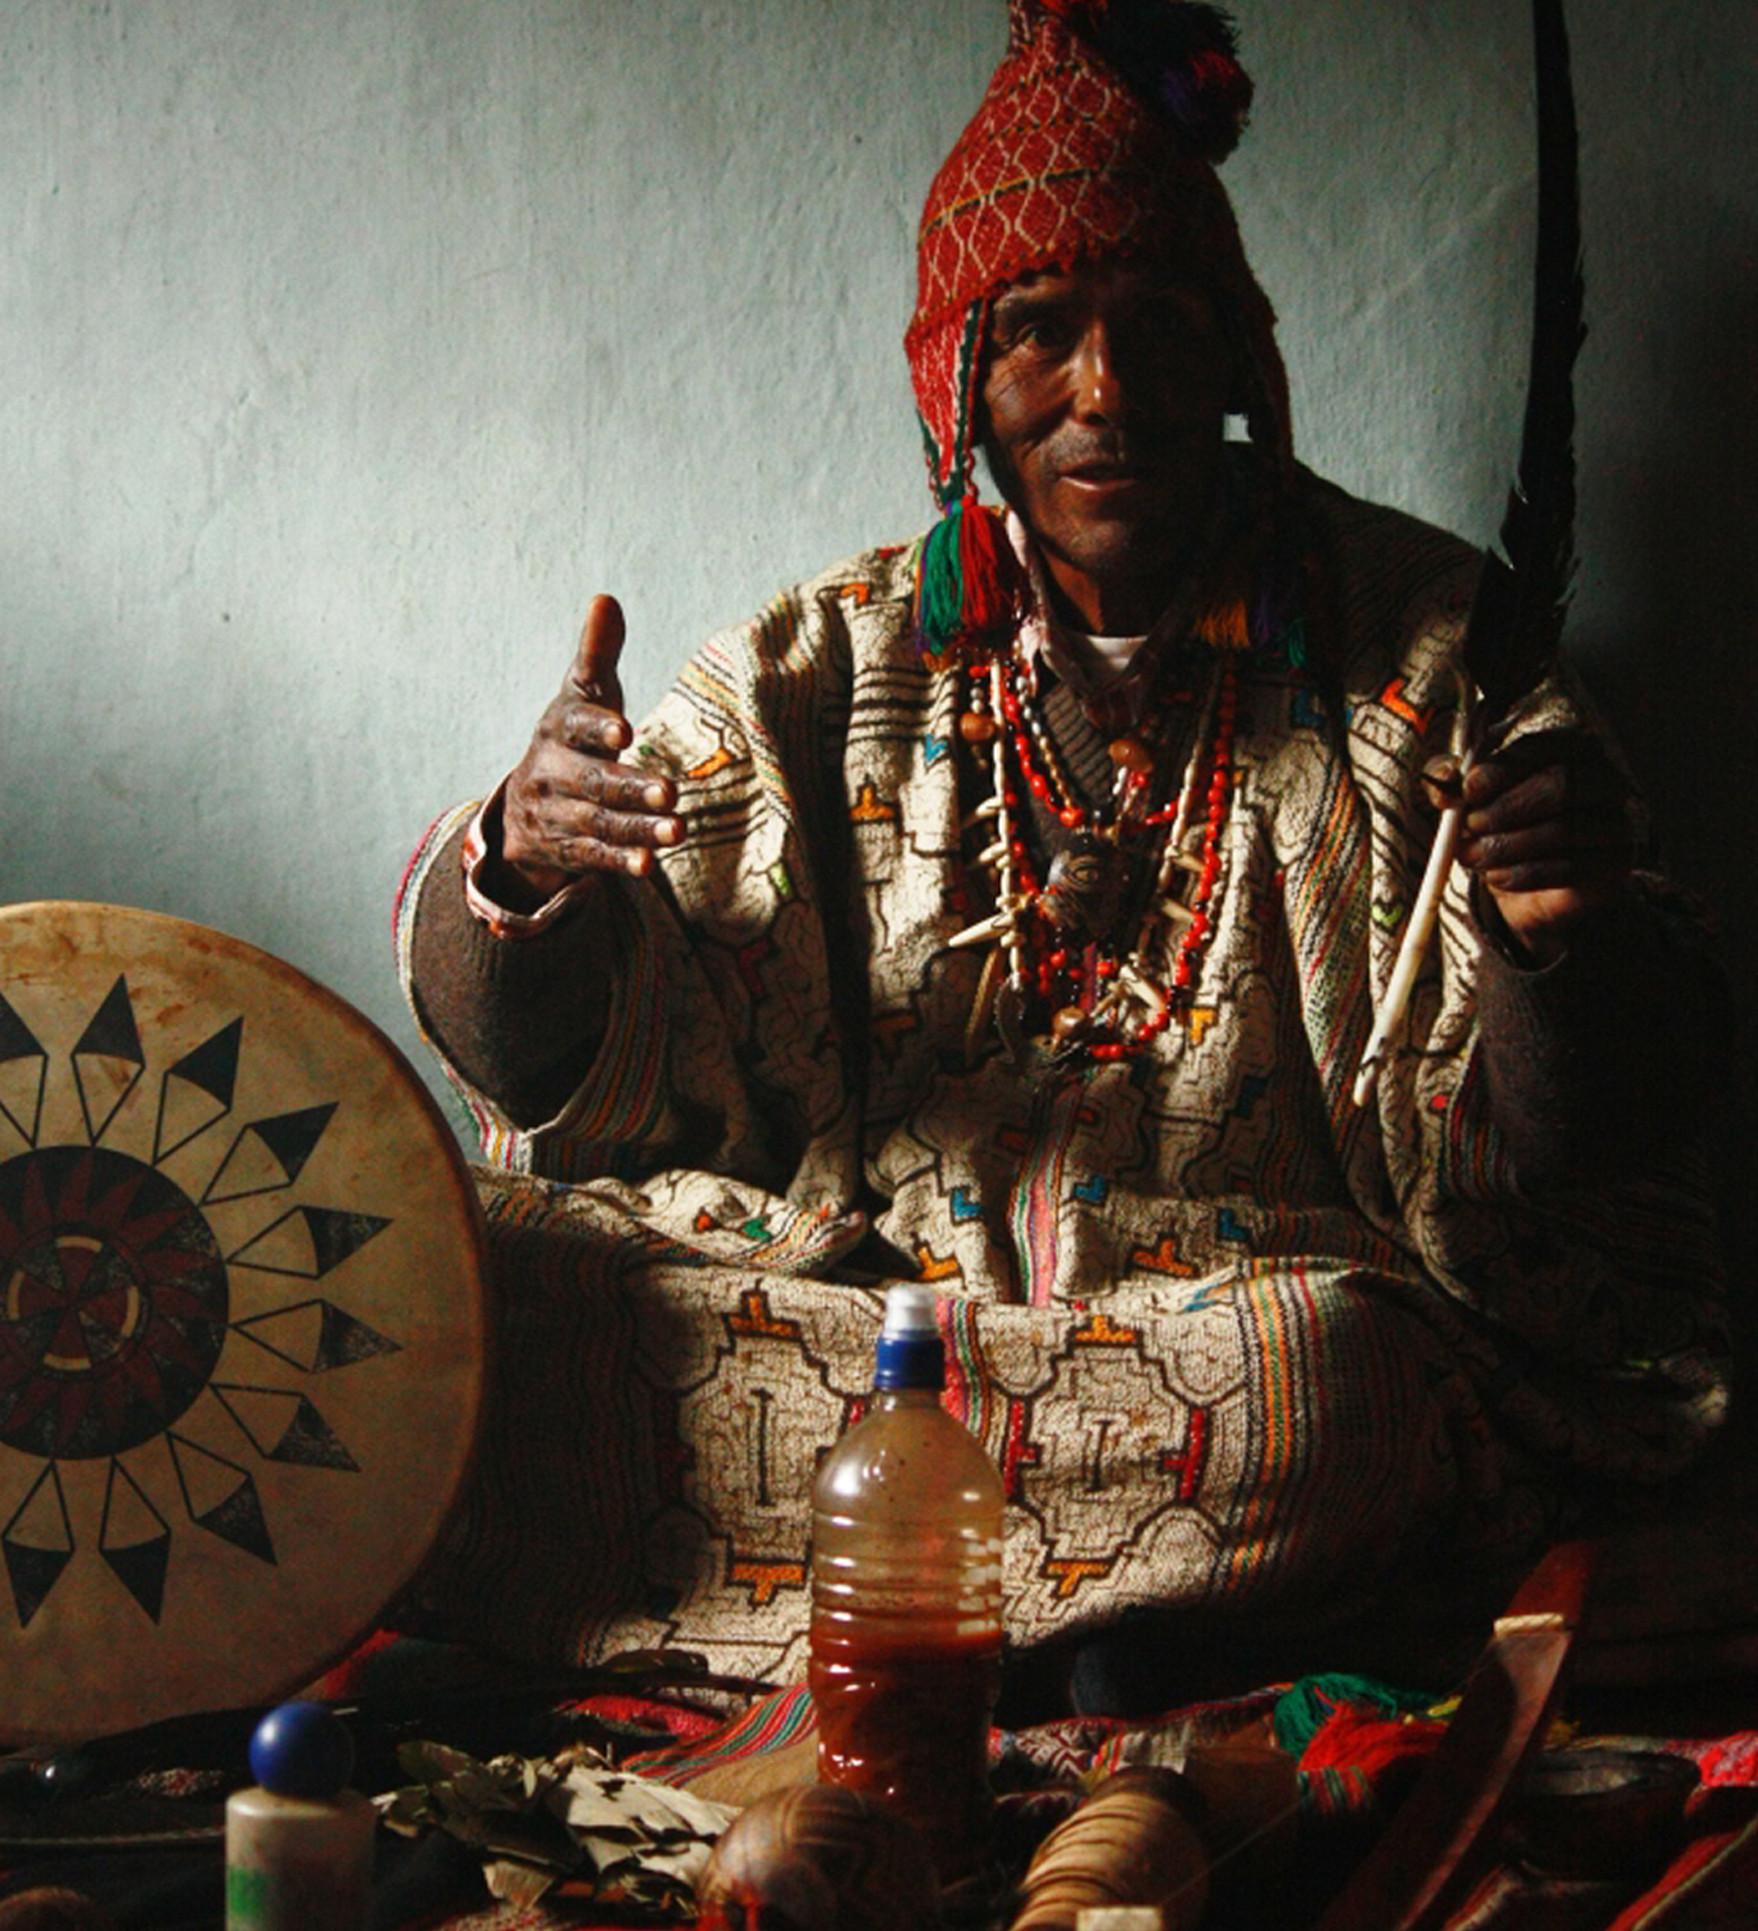 Cerimônias da Portal of Light são conduzidas por um xamã que deve ter a habilidade de fechar o ritual segundo o cronograma